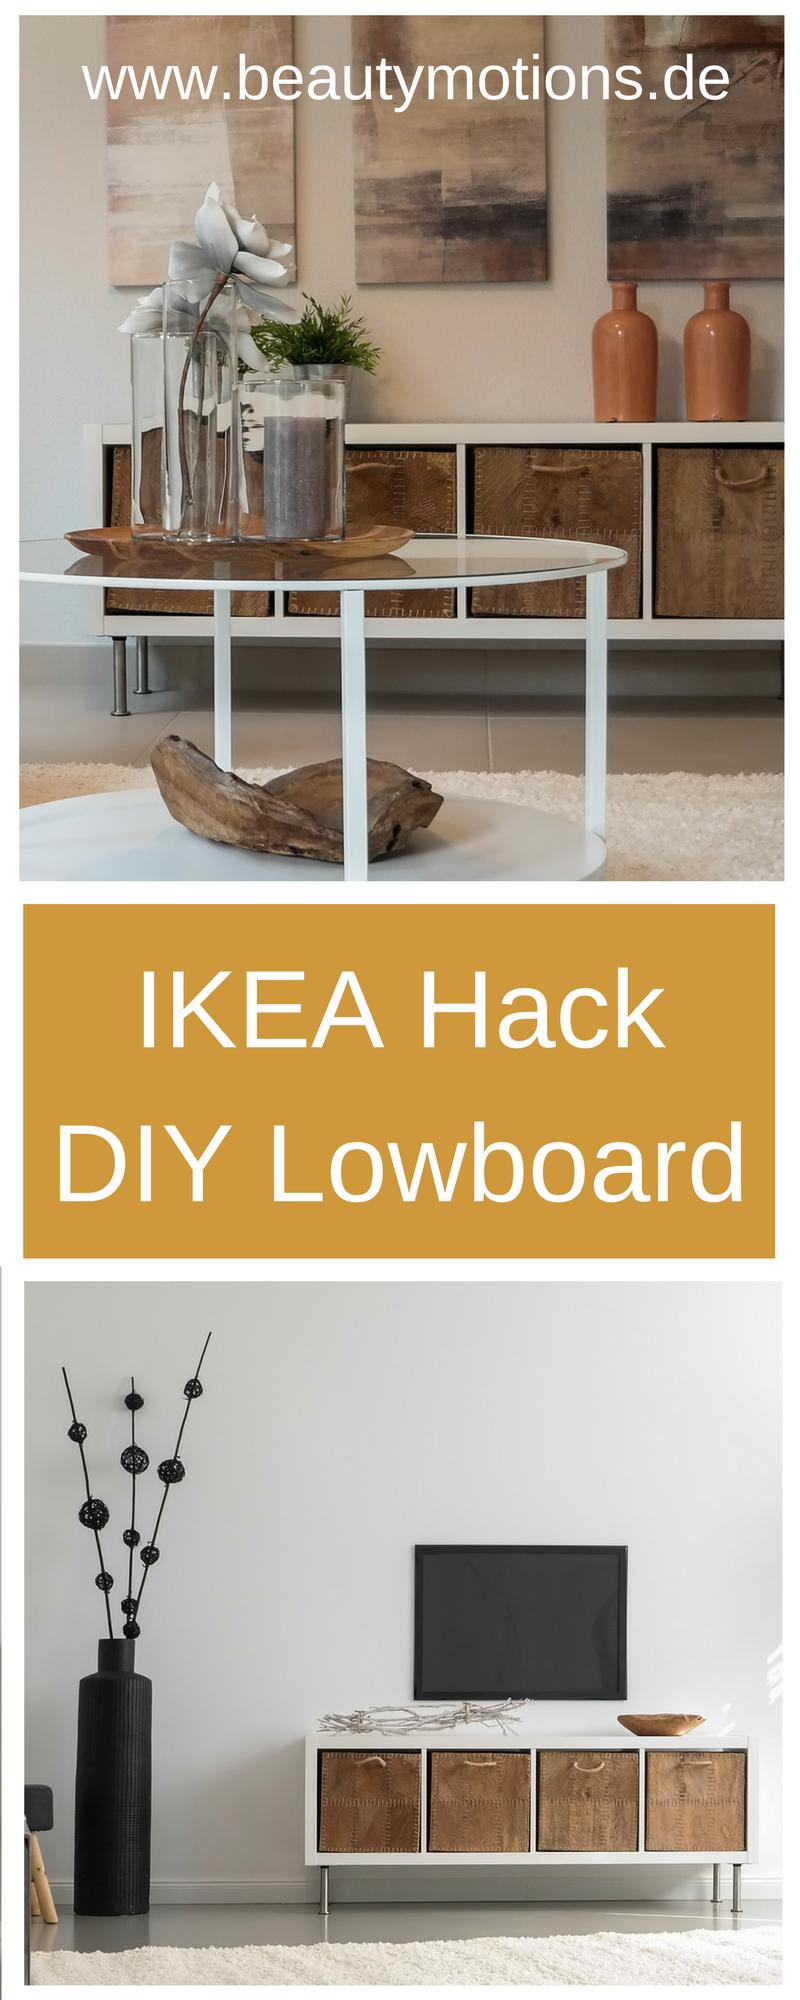 Charmant DIY Lowboard Selber Machen U2013 Ikea Hacks   Individuell, Einfach Und  Preiswert // Low